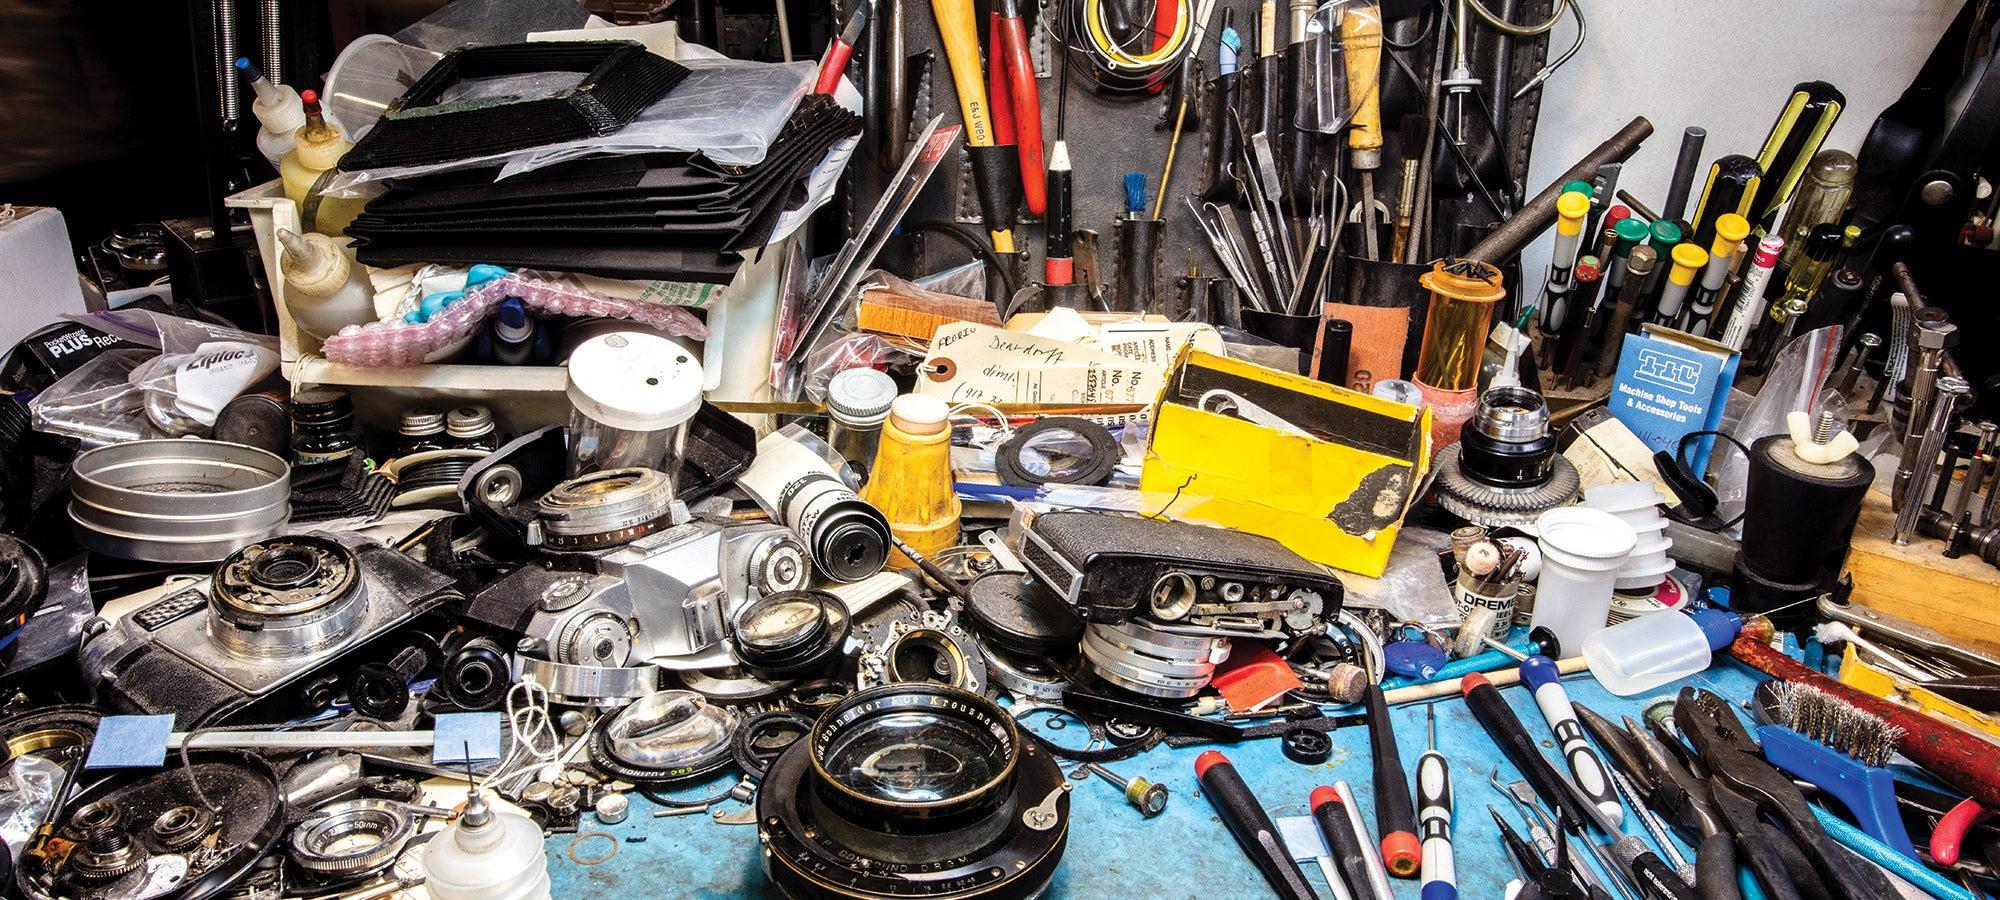 Husks of vintage film cameras and lenses littering workbench